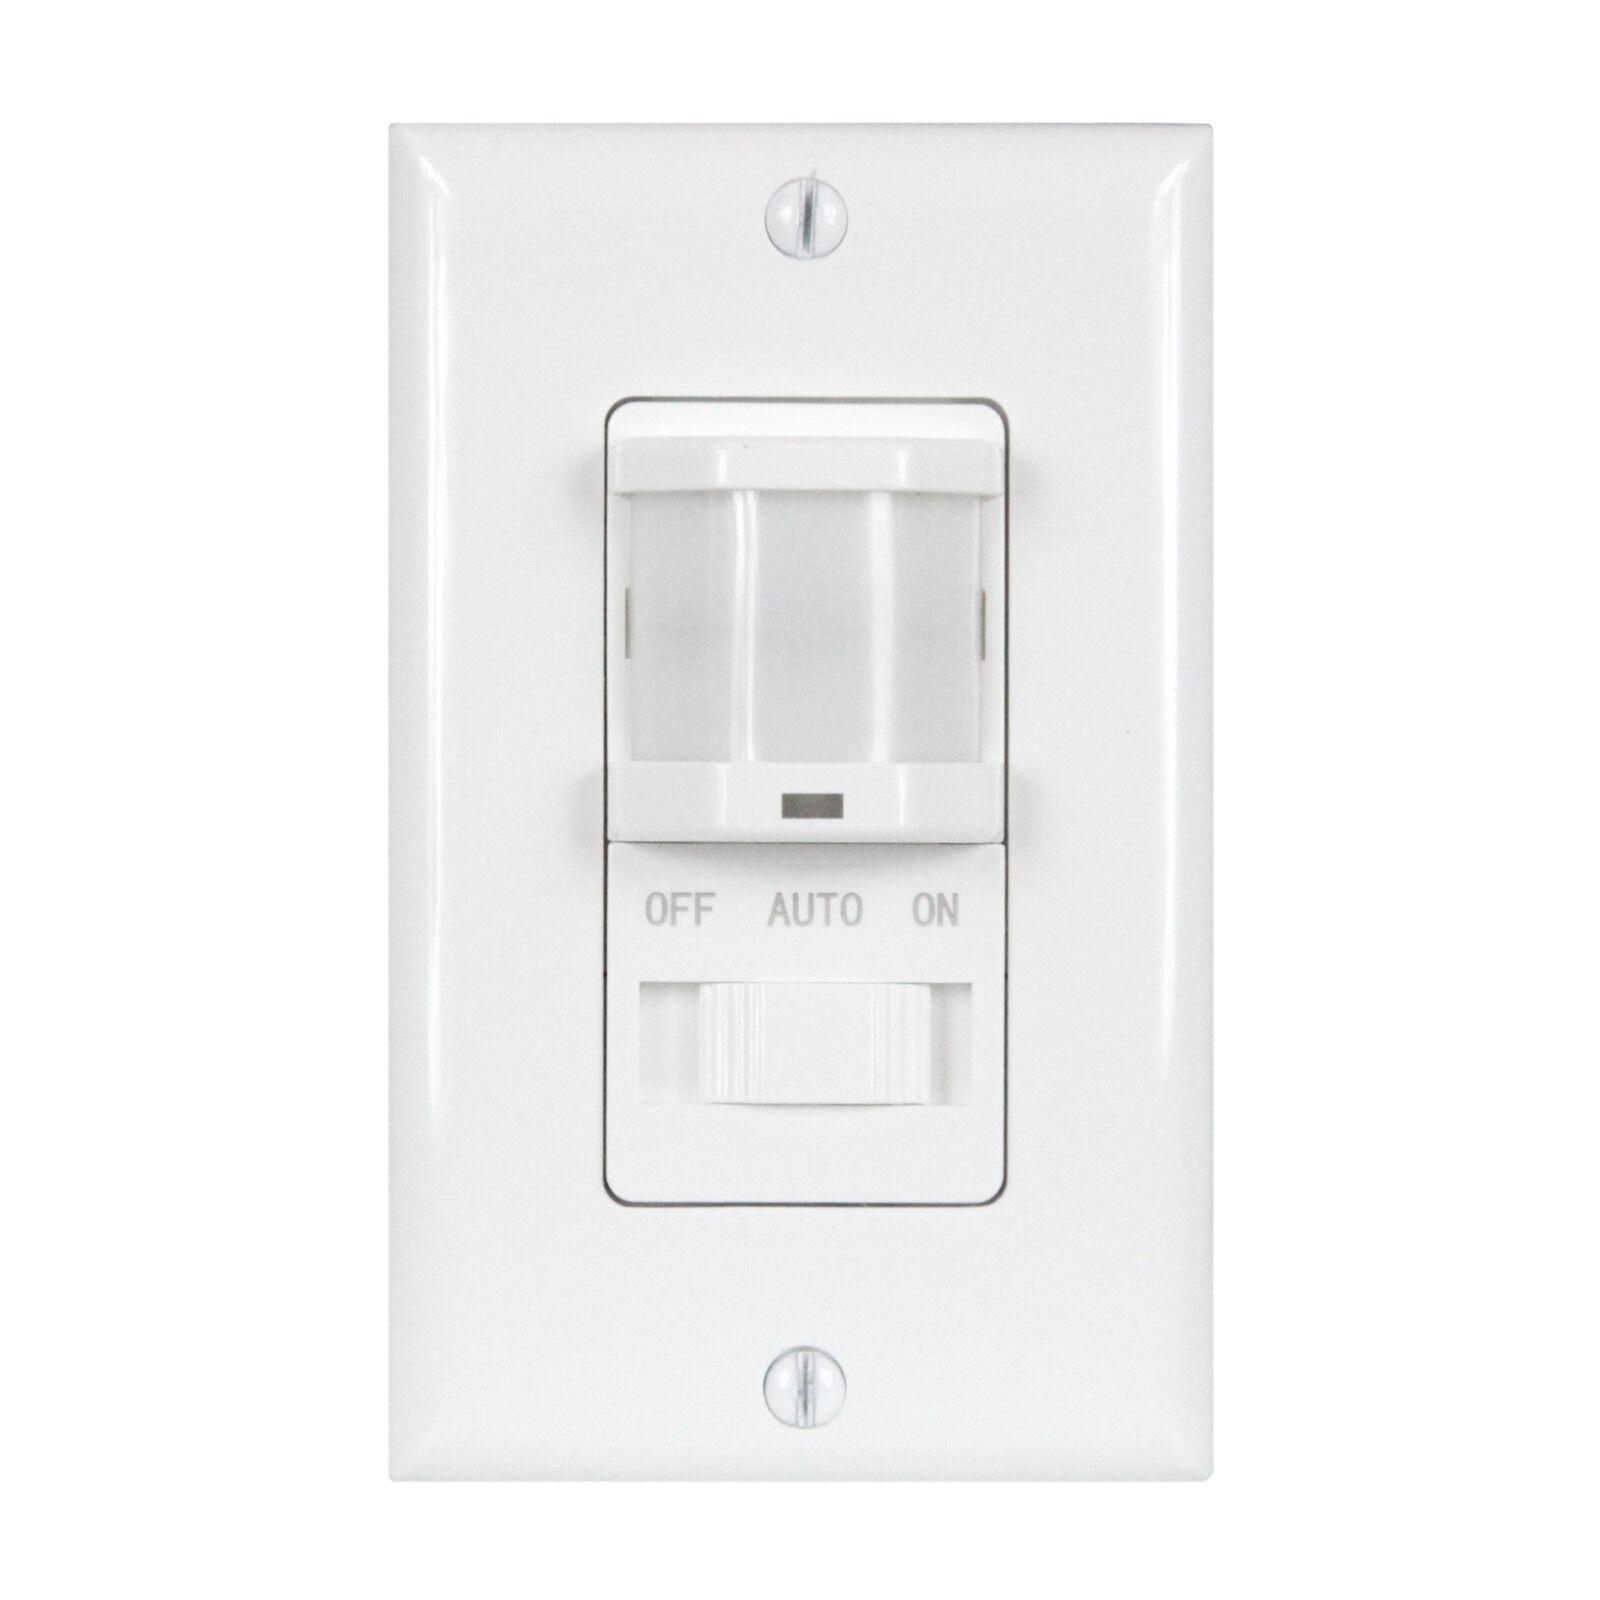 Tsos5 Pir Motion Sensor Light Switch Detector Infrared